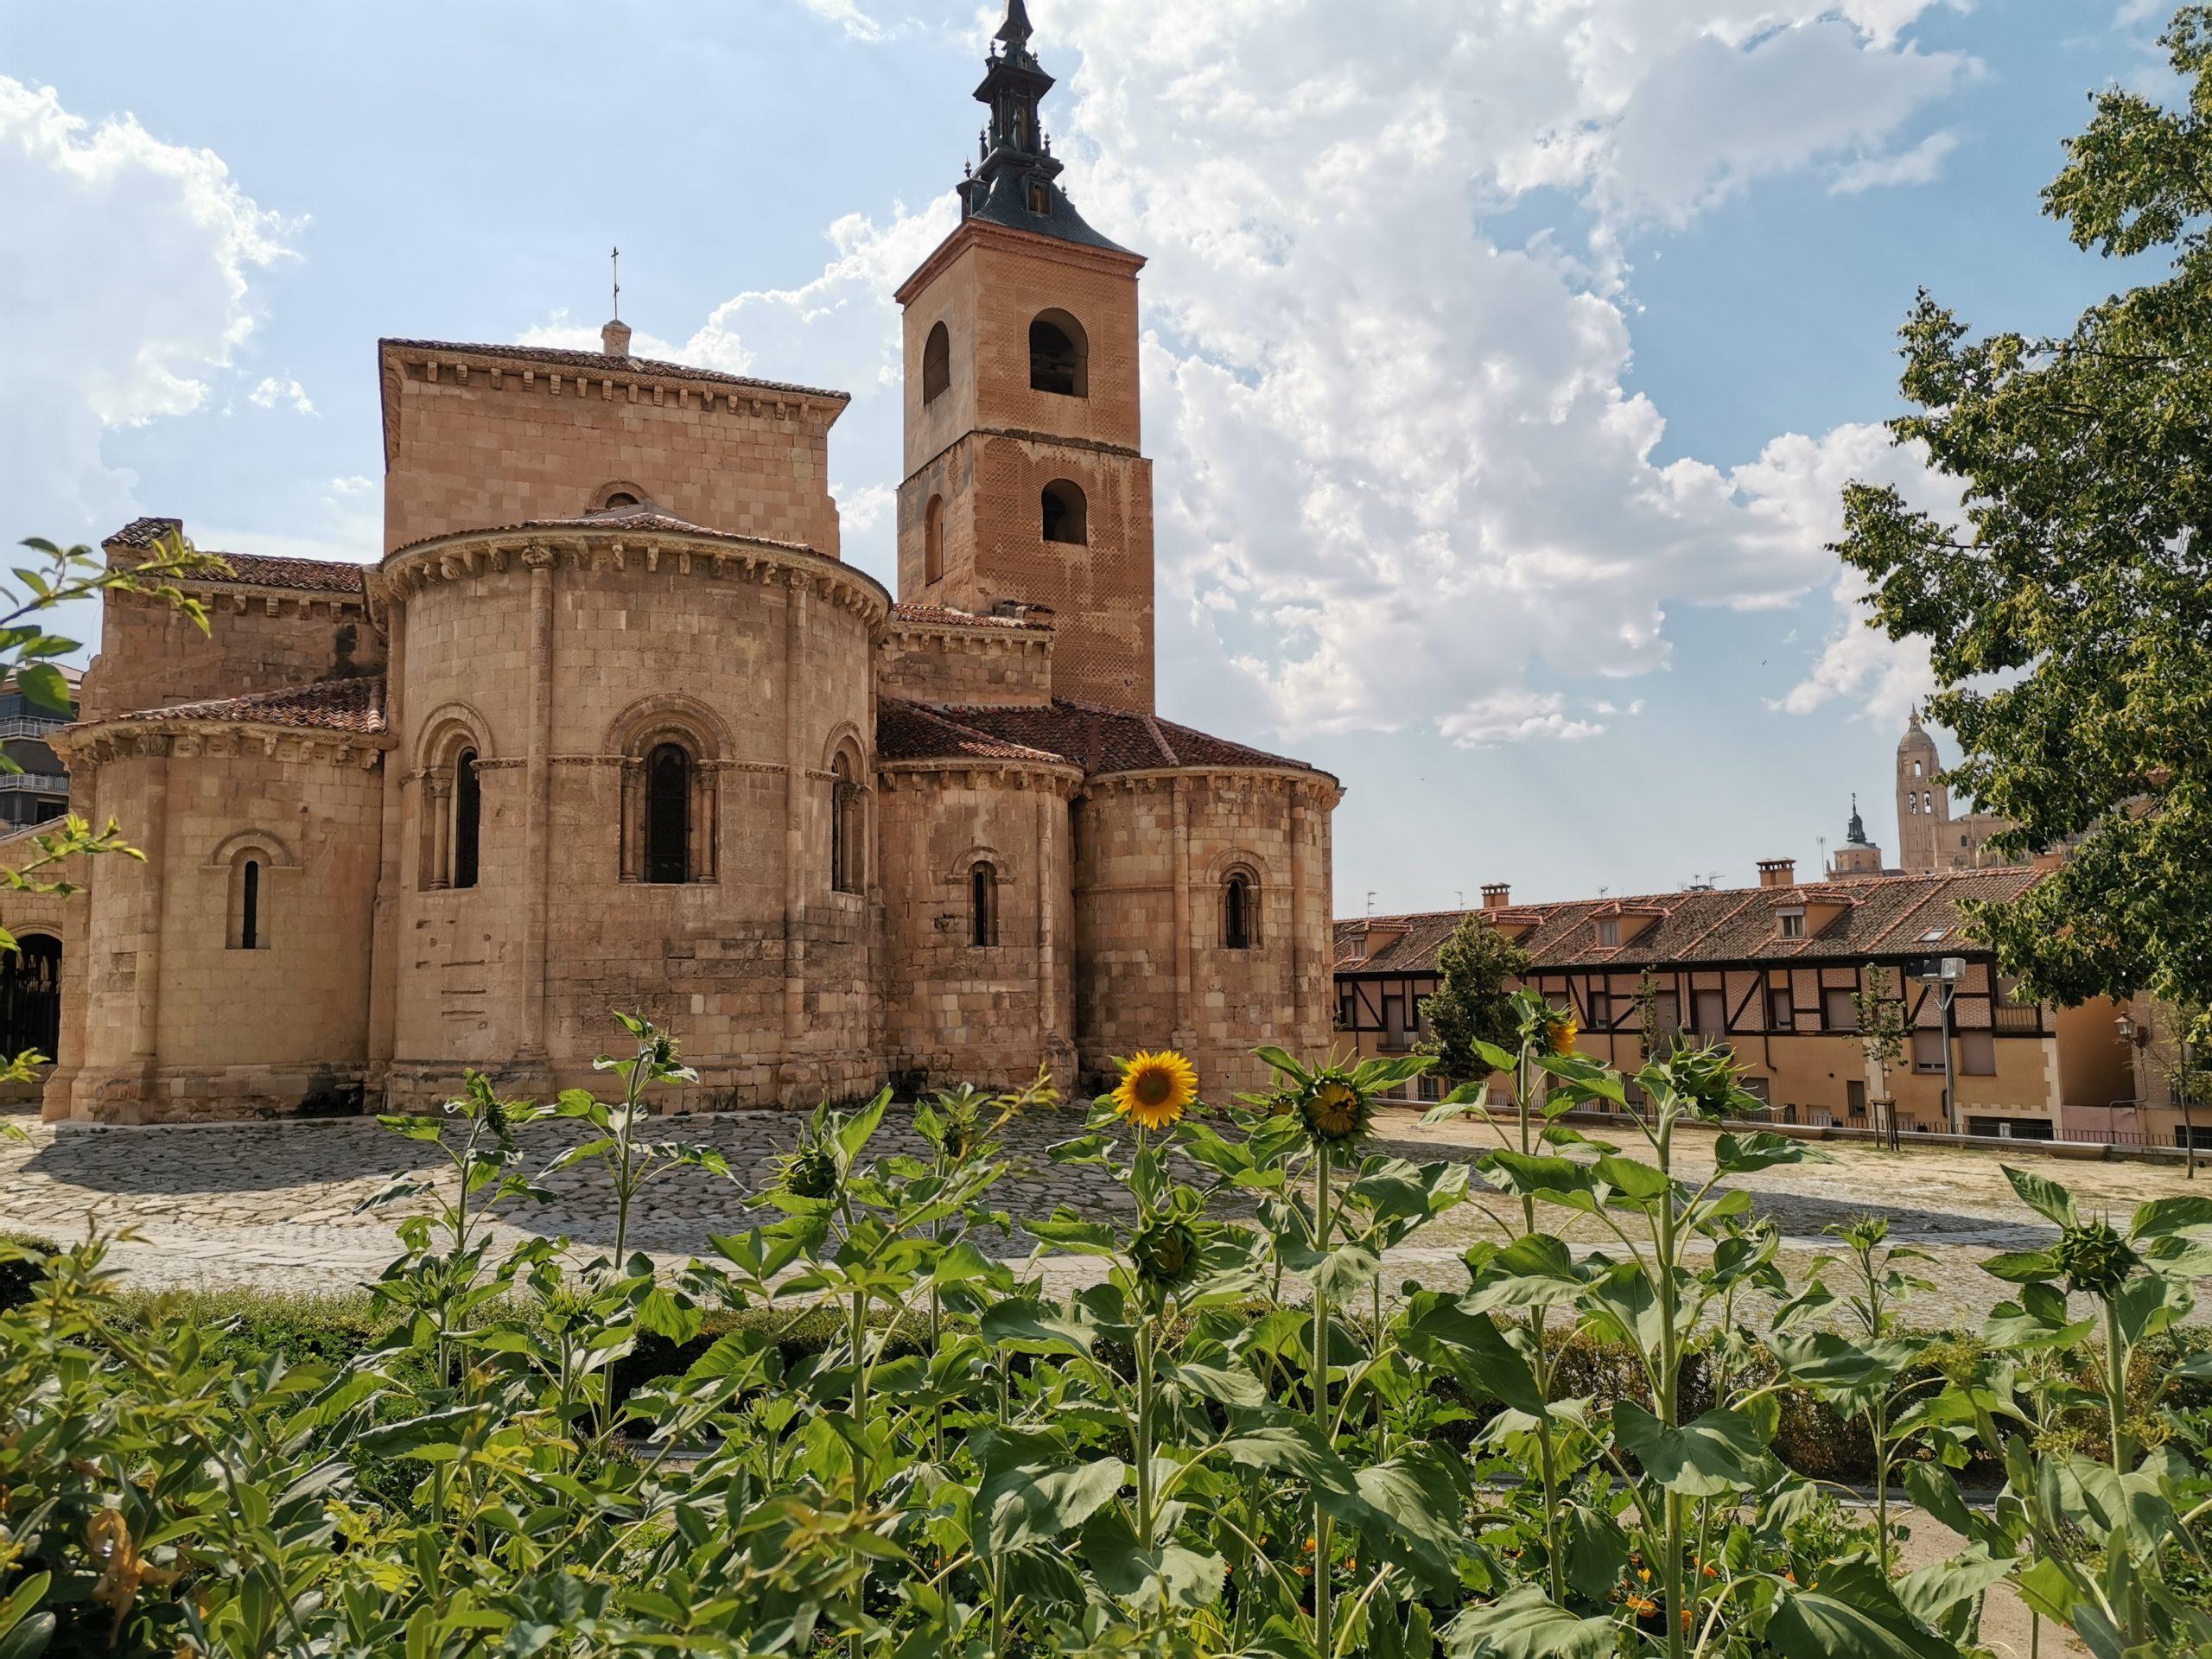 San-Martín-Segovia